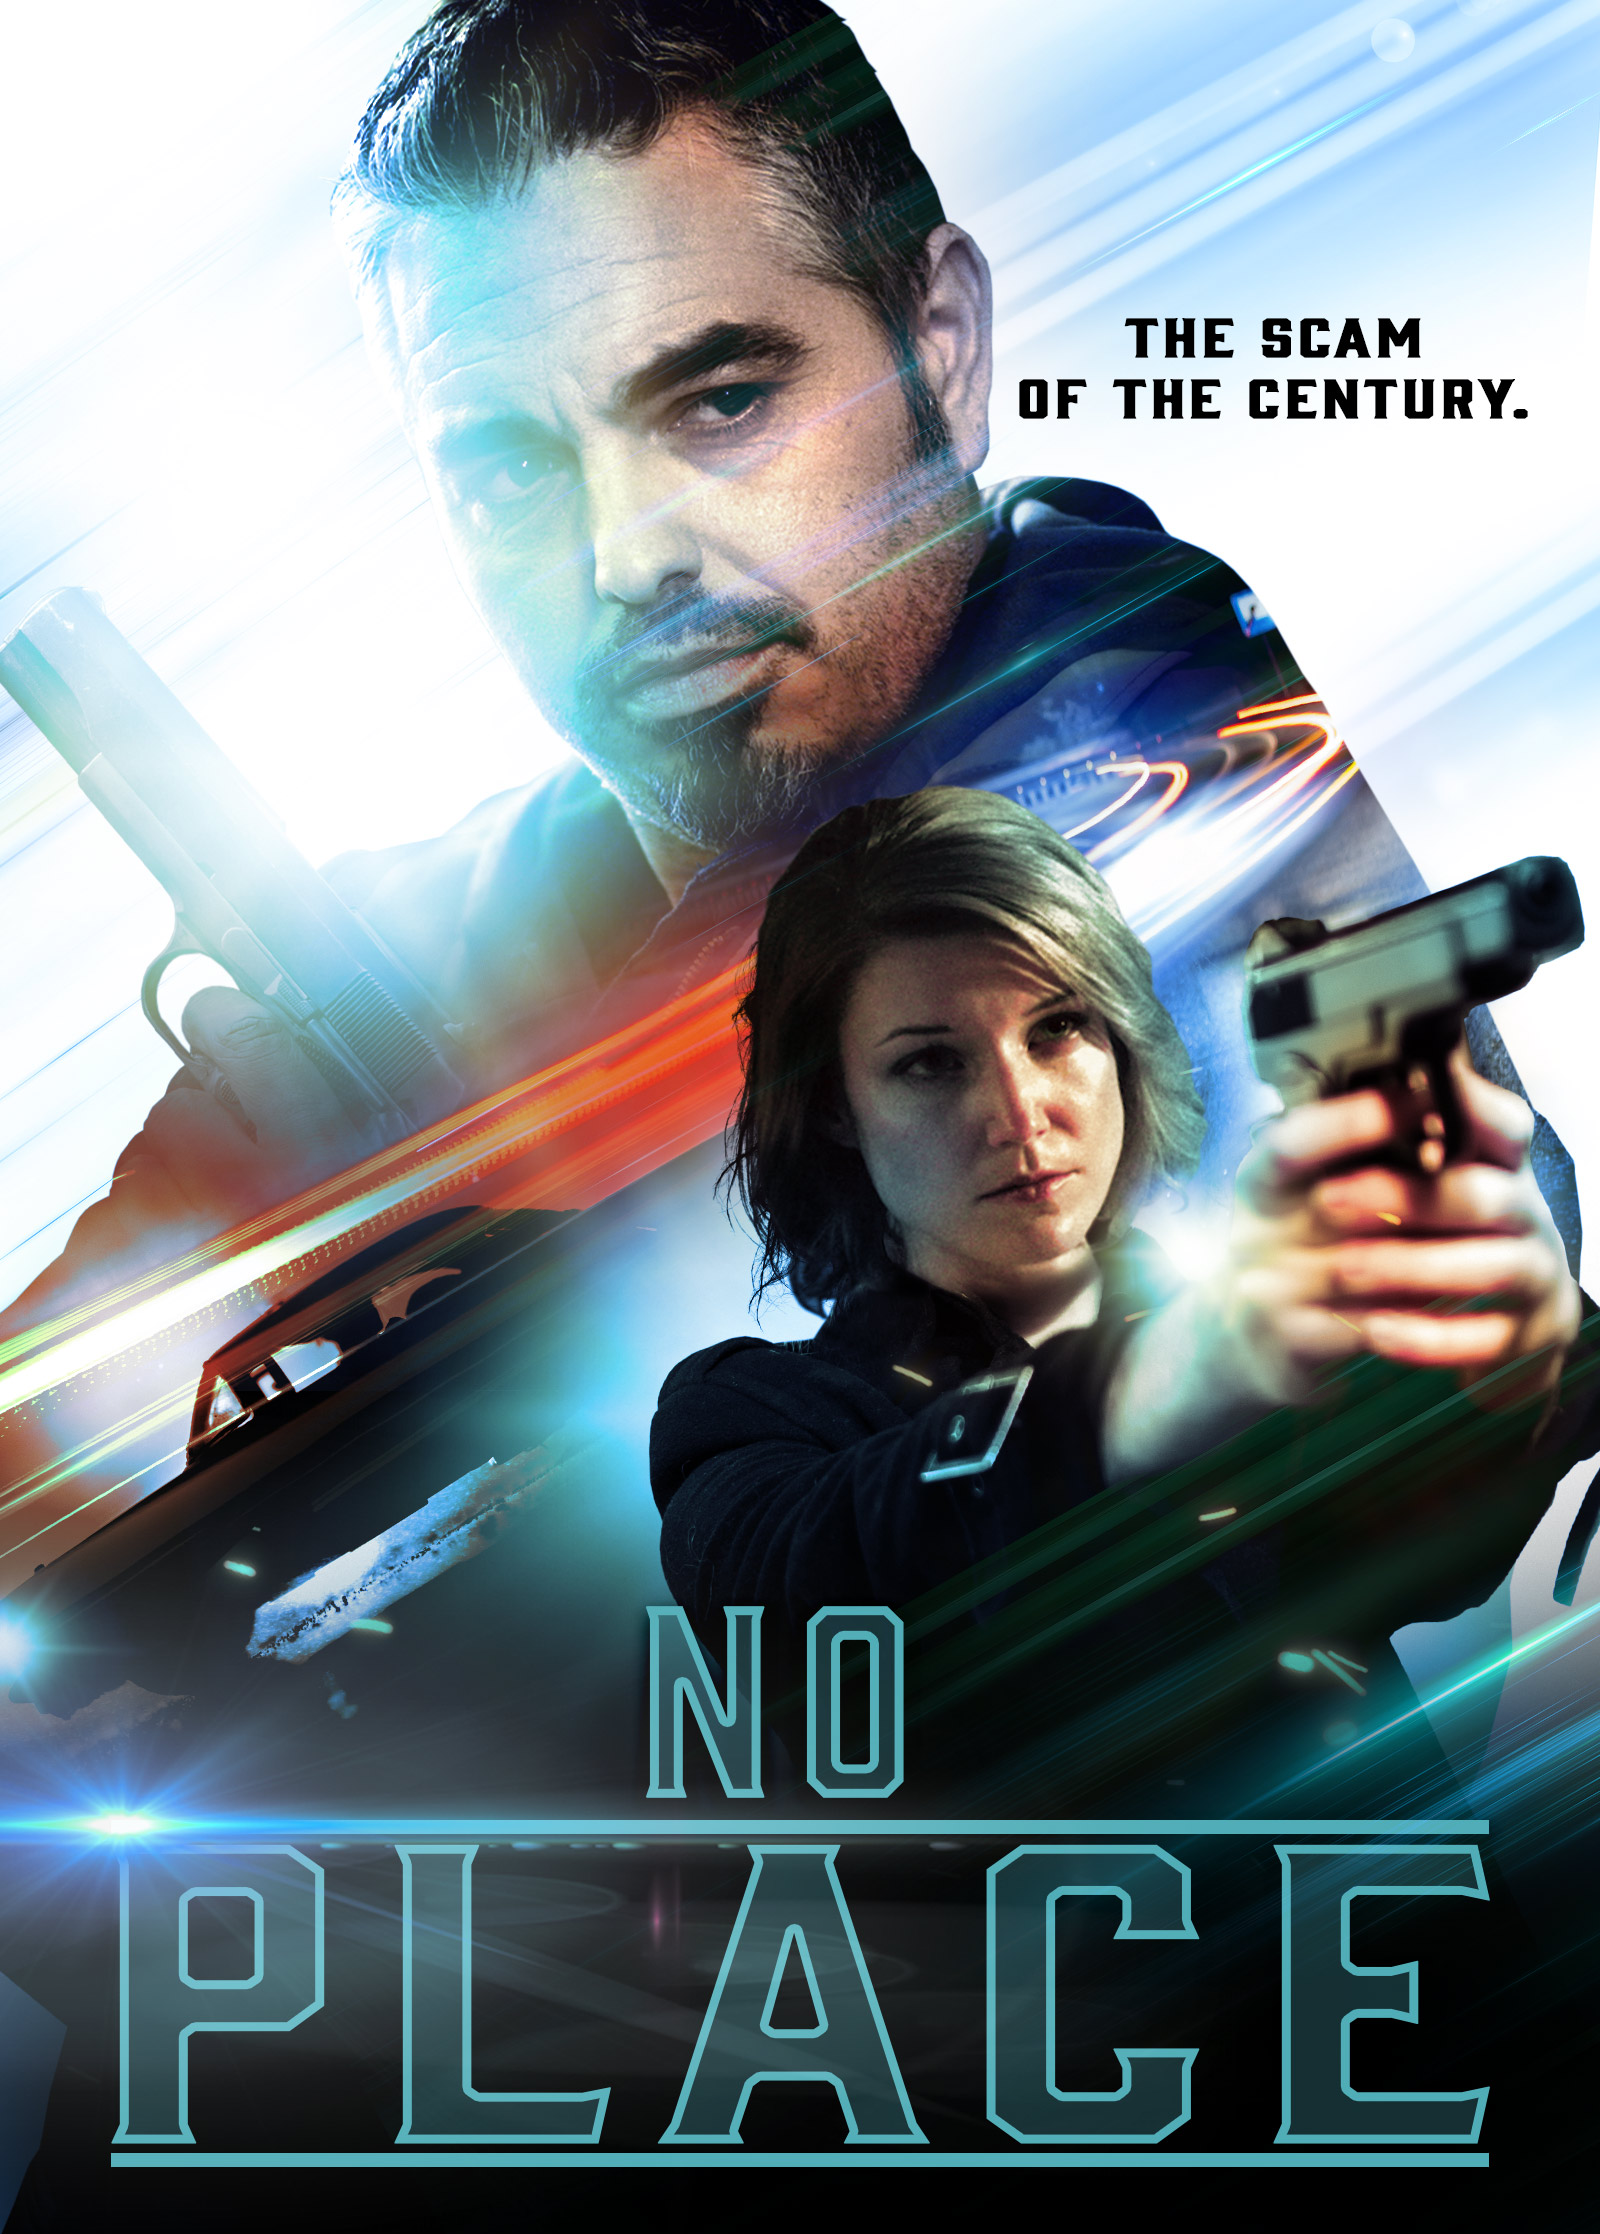 دانلود فیلم جنایی No Place 2020 هیچ جا